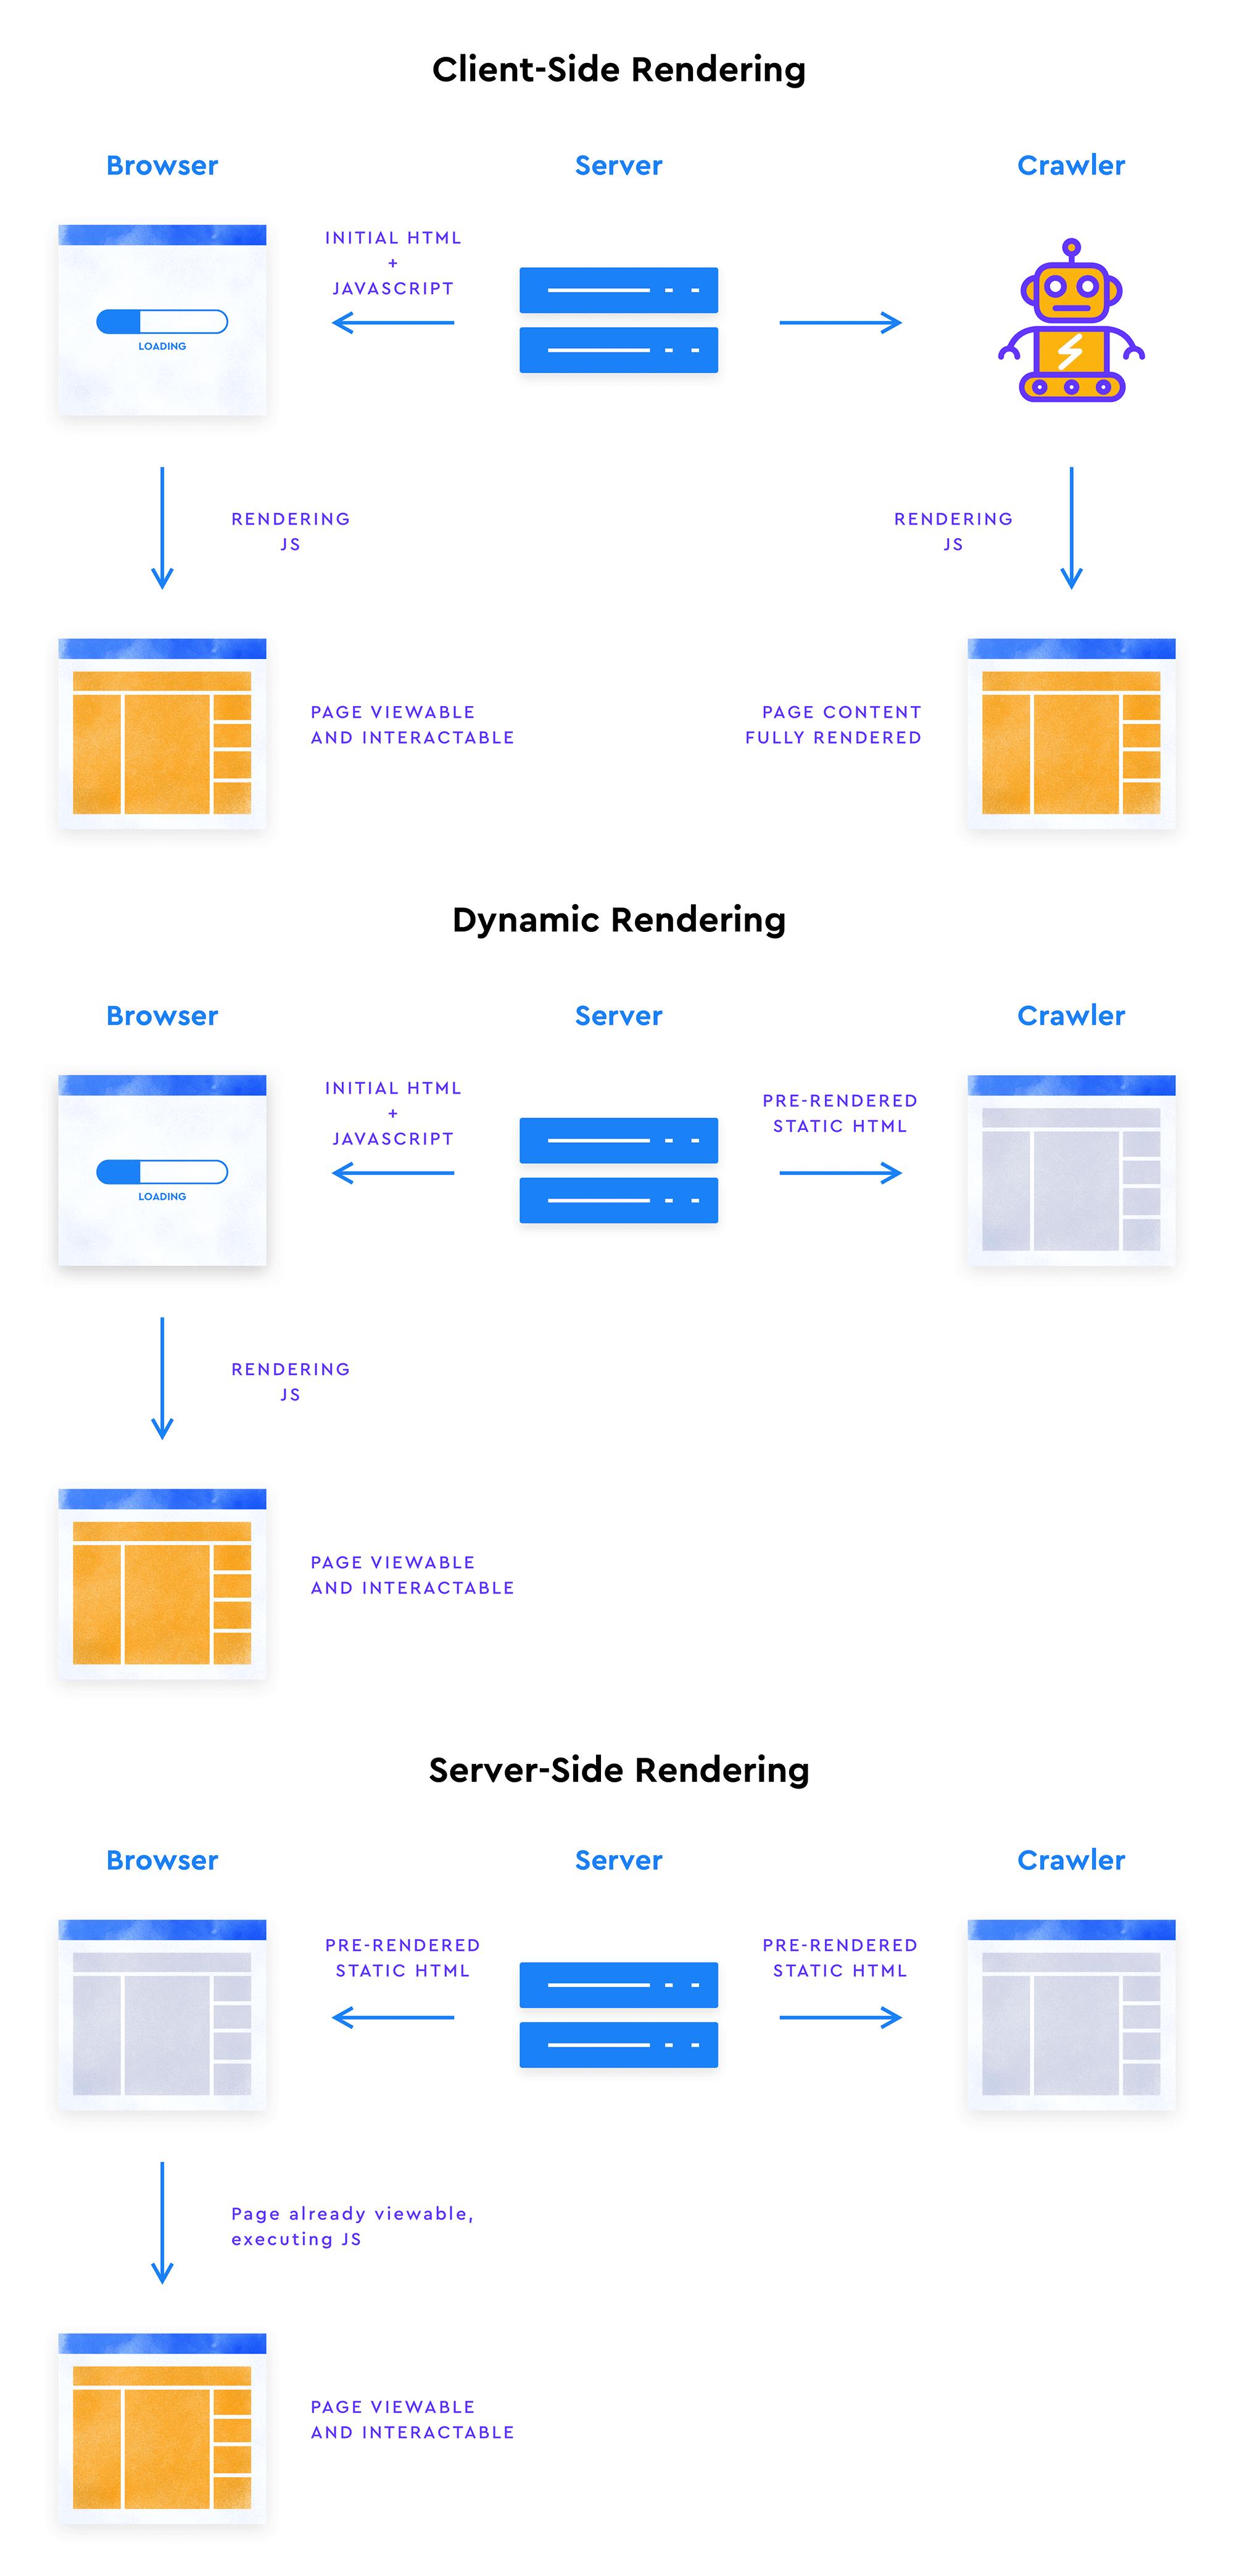 JavaScipt Rendering